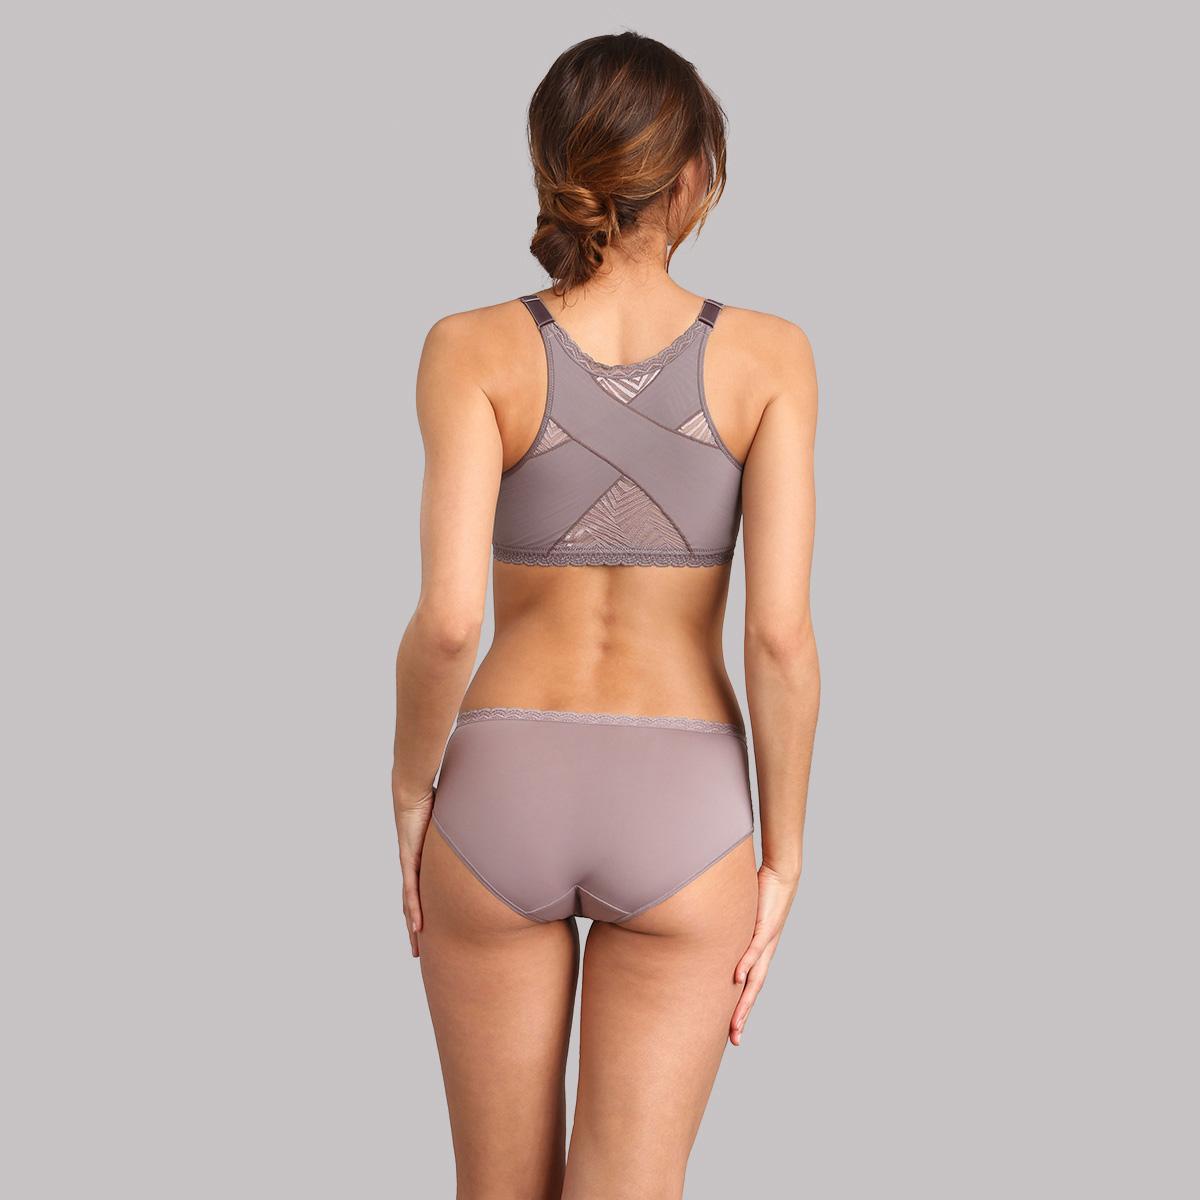 Culotte midi dentelle taupe Ideal Posture, , PLAYTEX